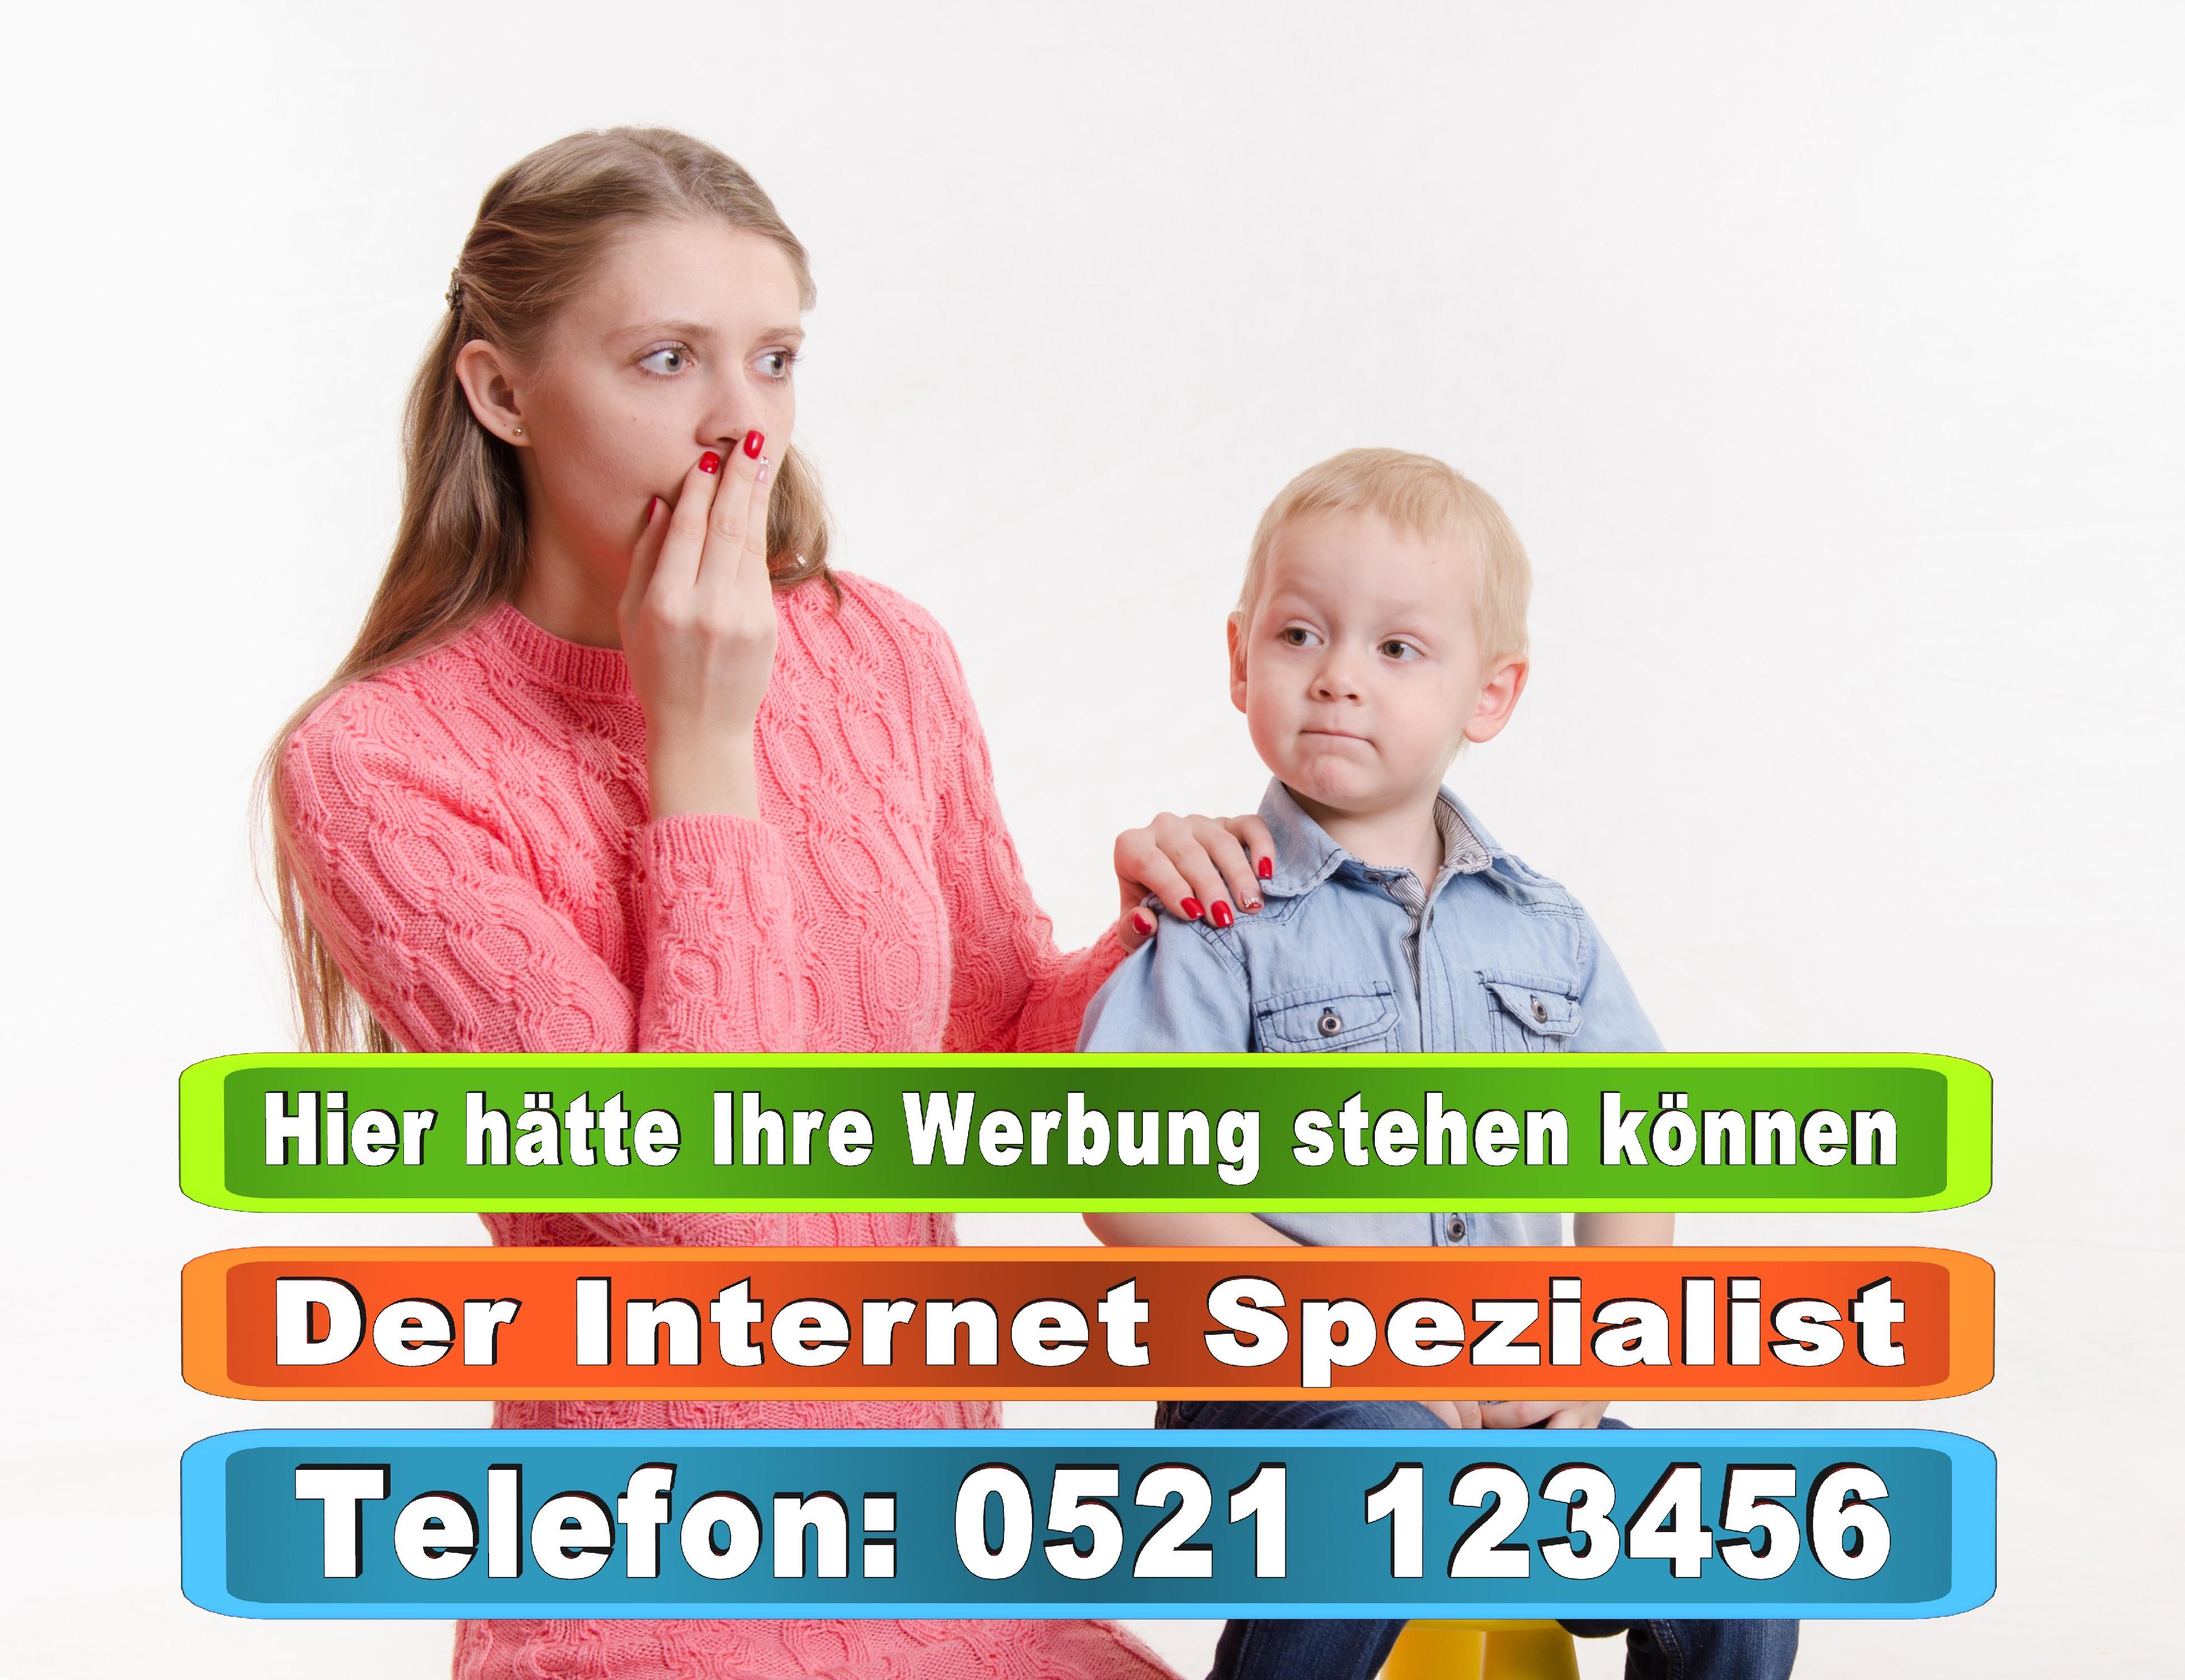 Bielefeld Werbung Werbeanzeigen Zeitungen Bielefeld OWL NRW Demonstrationen Polizei Bielefeld Kleinanzeigen Bielefeld Berlin Hamburg Köln